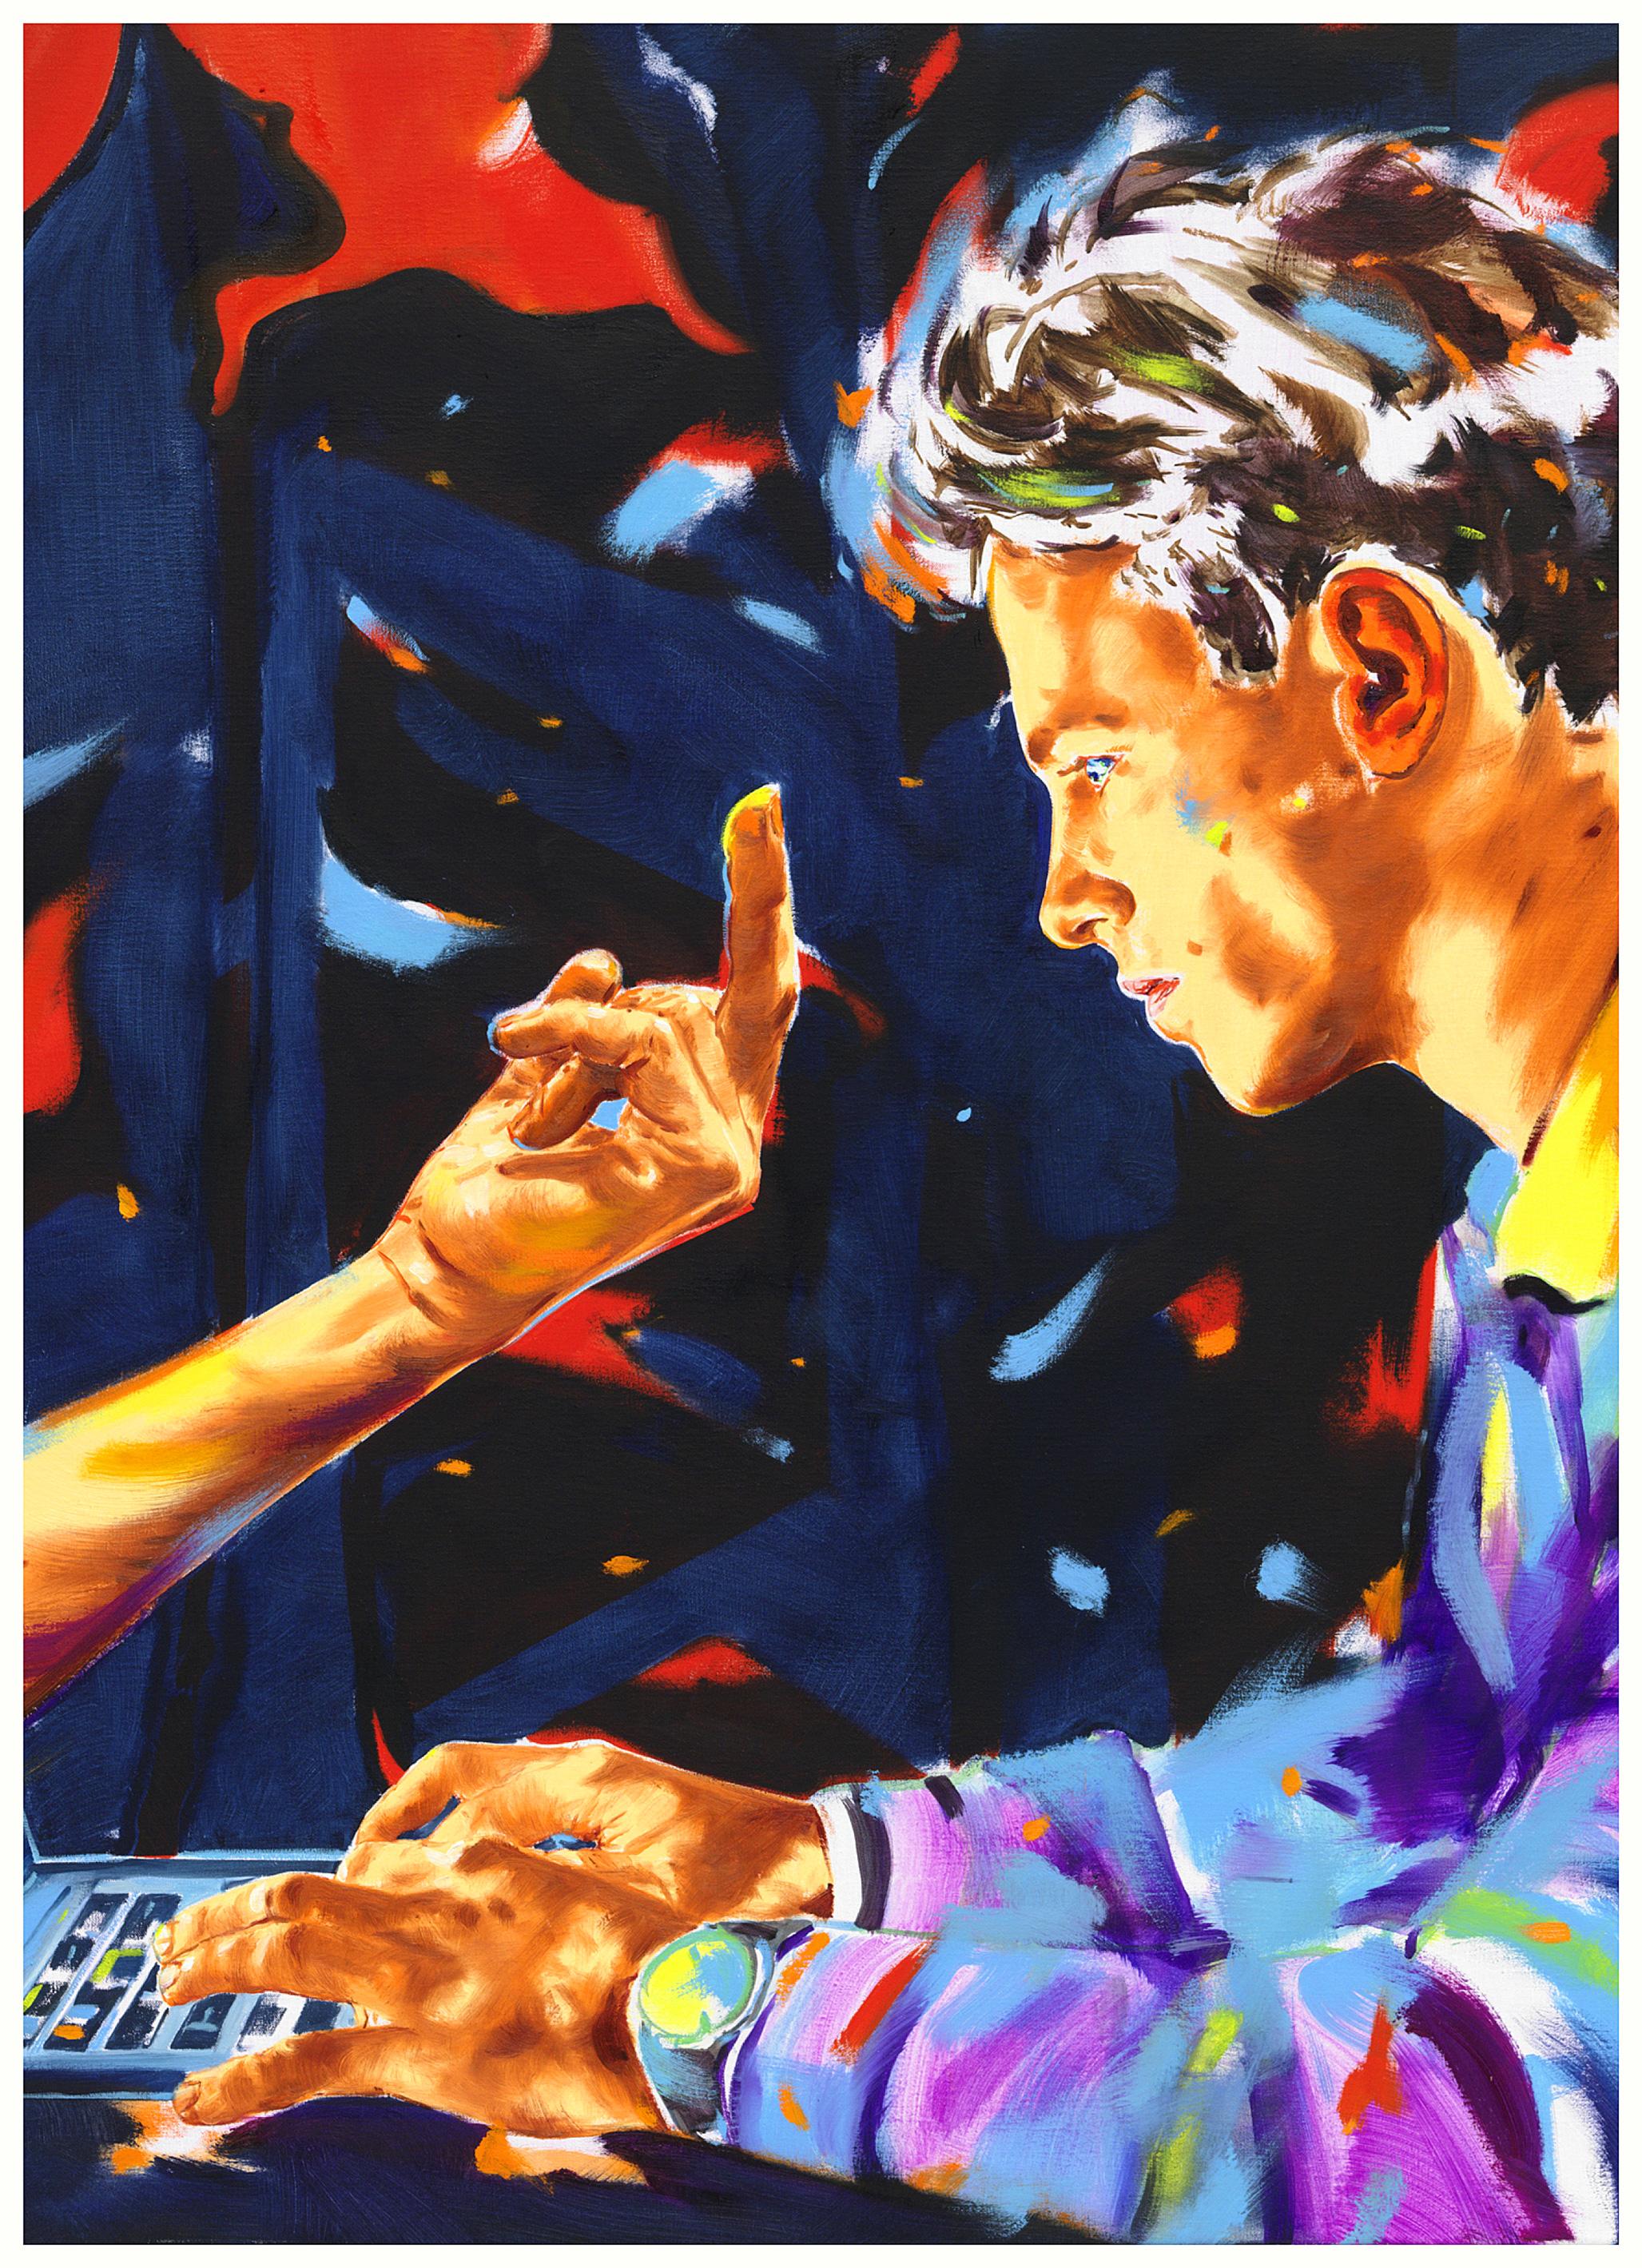 Ausschnitt aus: Norbert Bisky, Trollfarmer, 2021, Öl auf Leinwand, 100 x 130 cm, Foto: Bernd Borchardt, Courtesy: KÖNIG GALERIE © VG Bild-Kunst, Bonn 2021